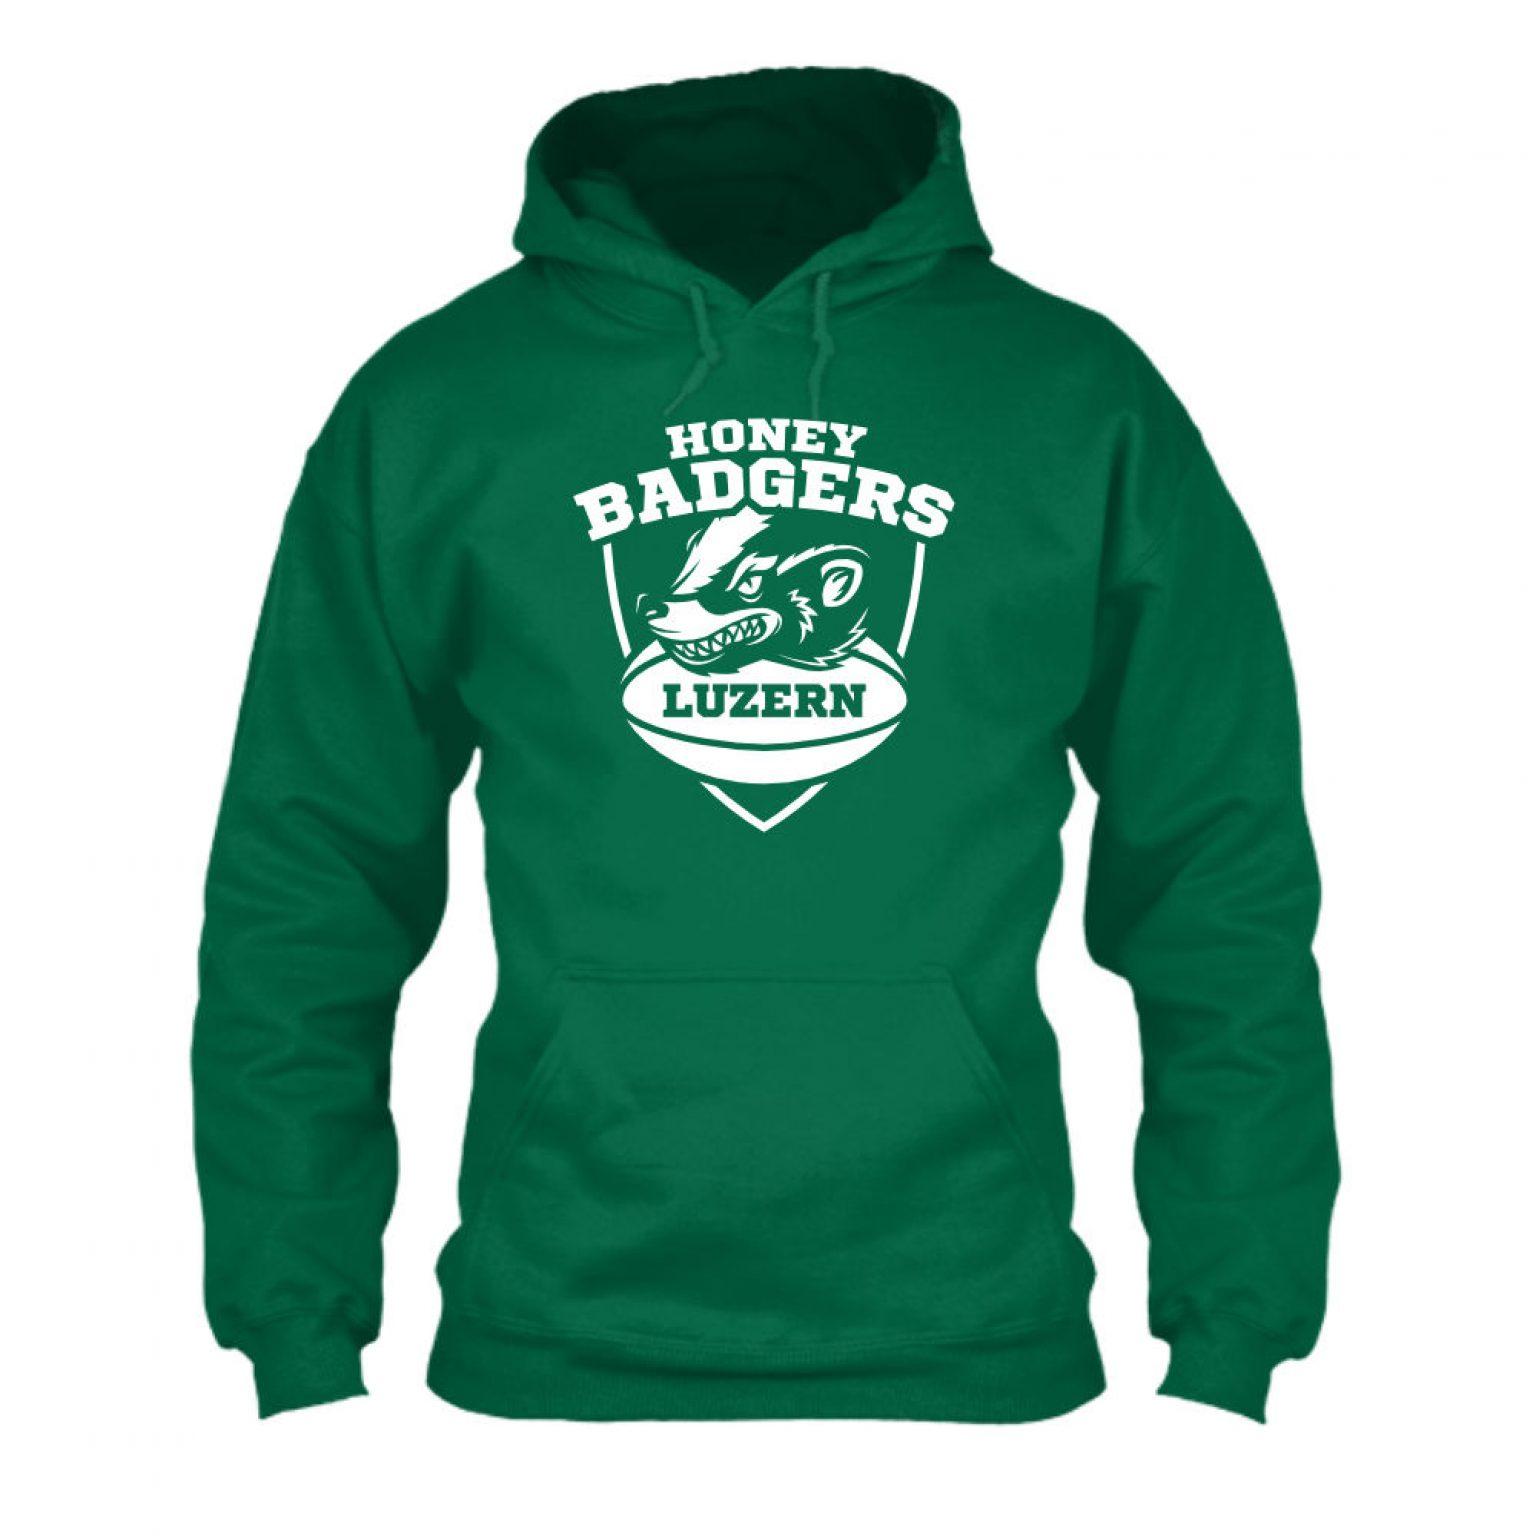 honeybadgers hoodie herren green